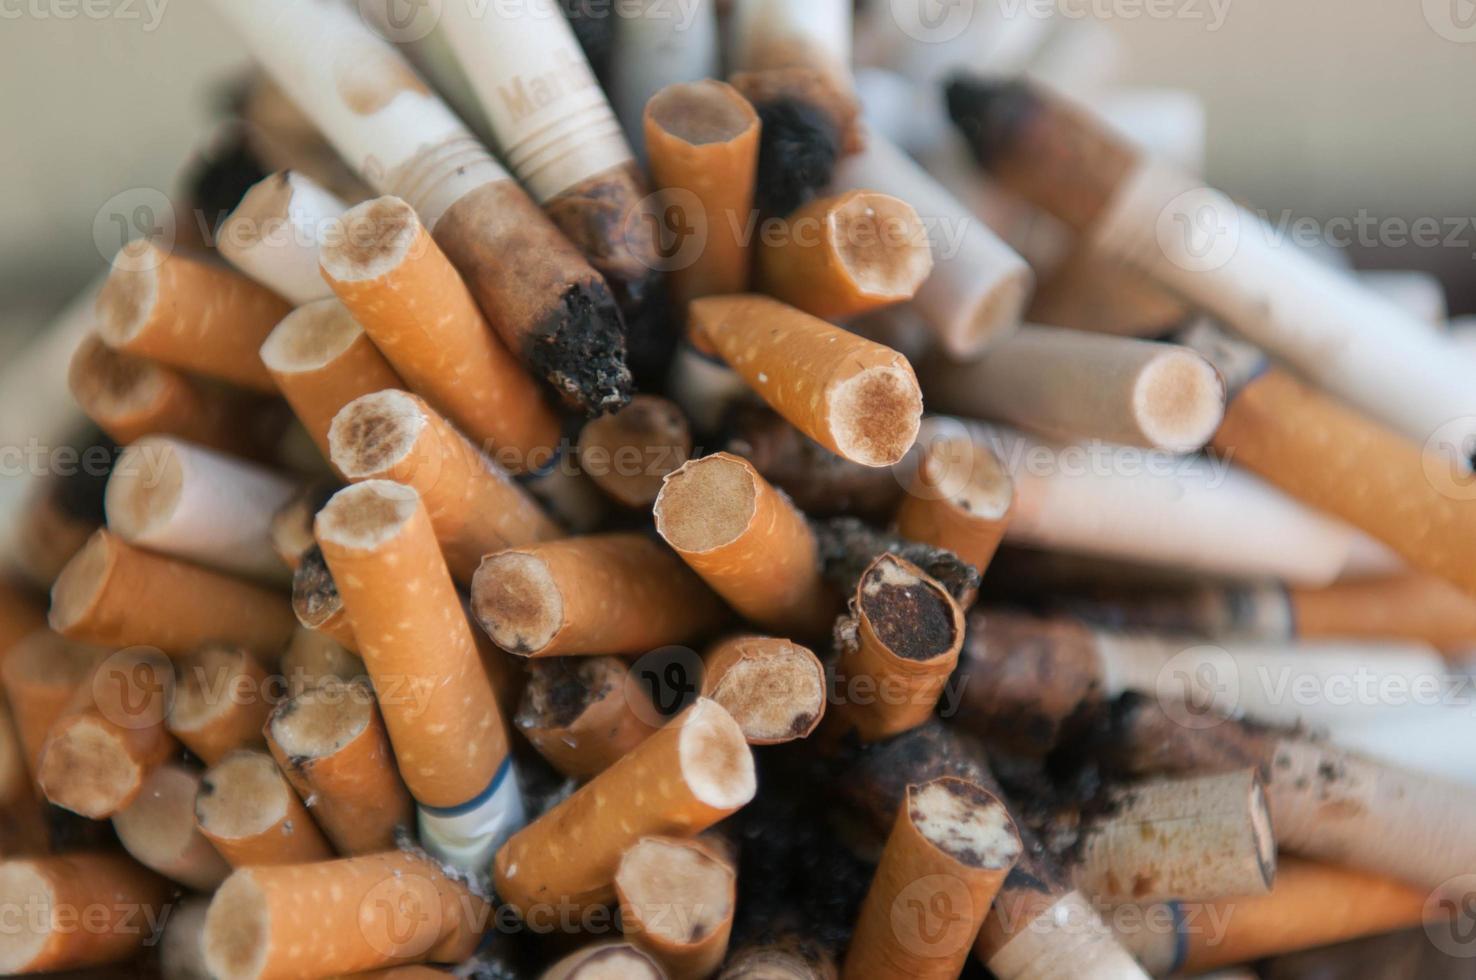 Nahaufnahme von Zigaretten foto